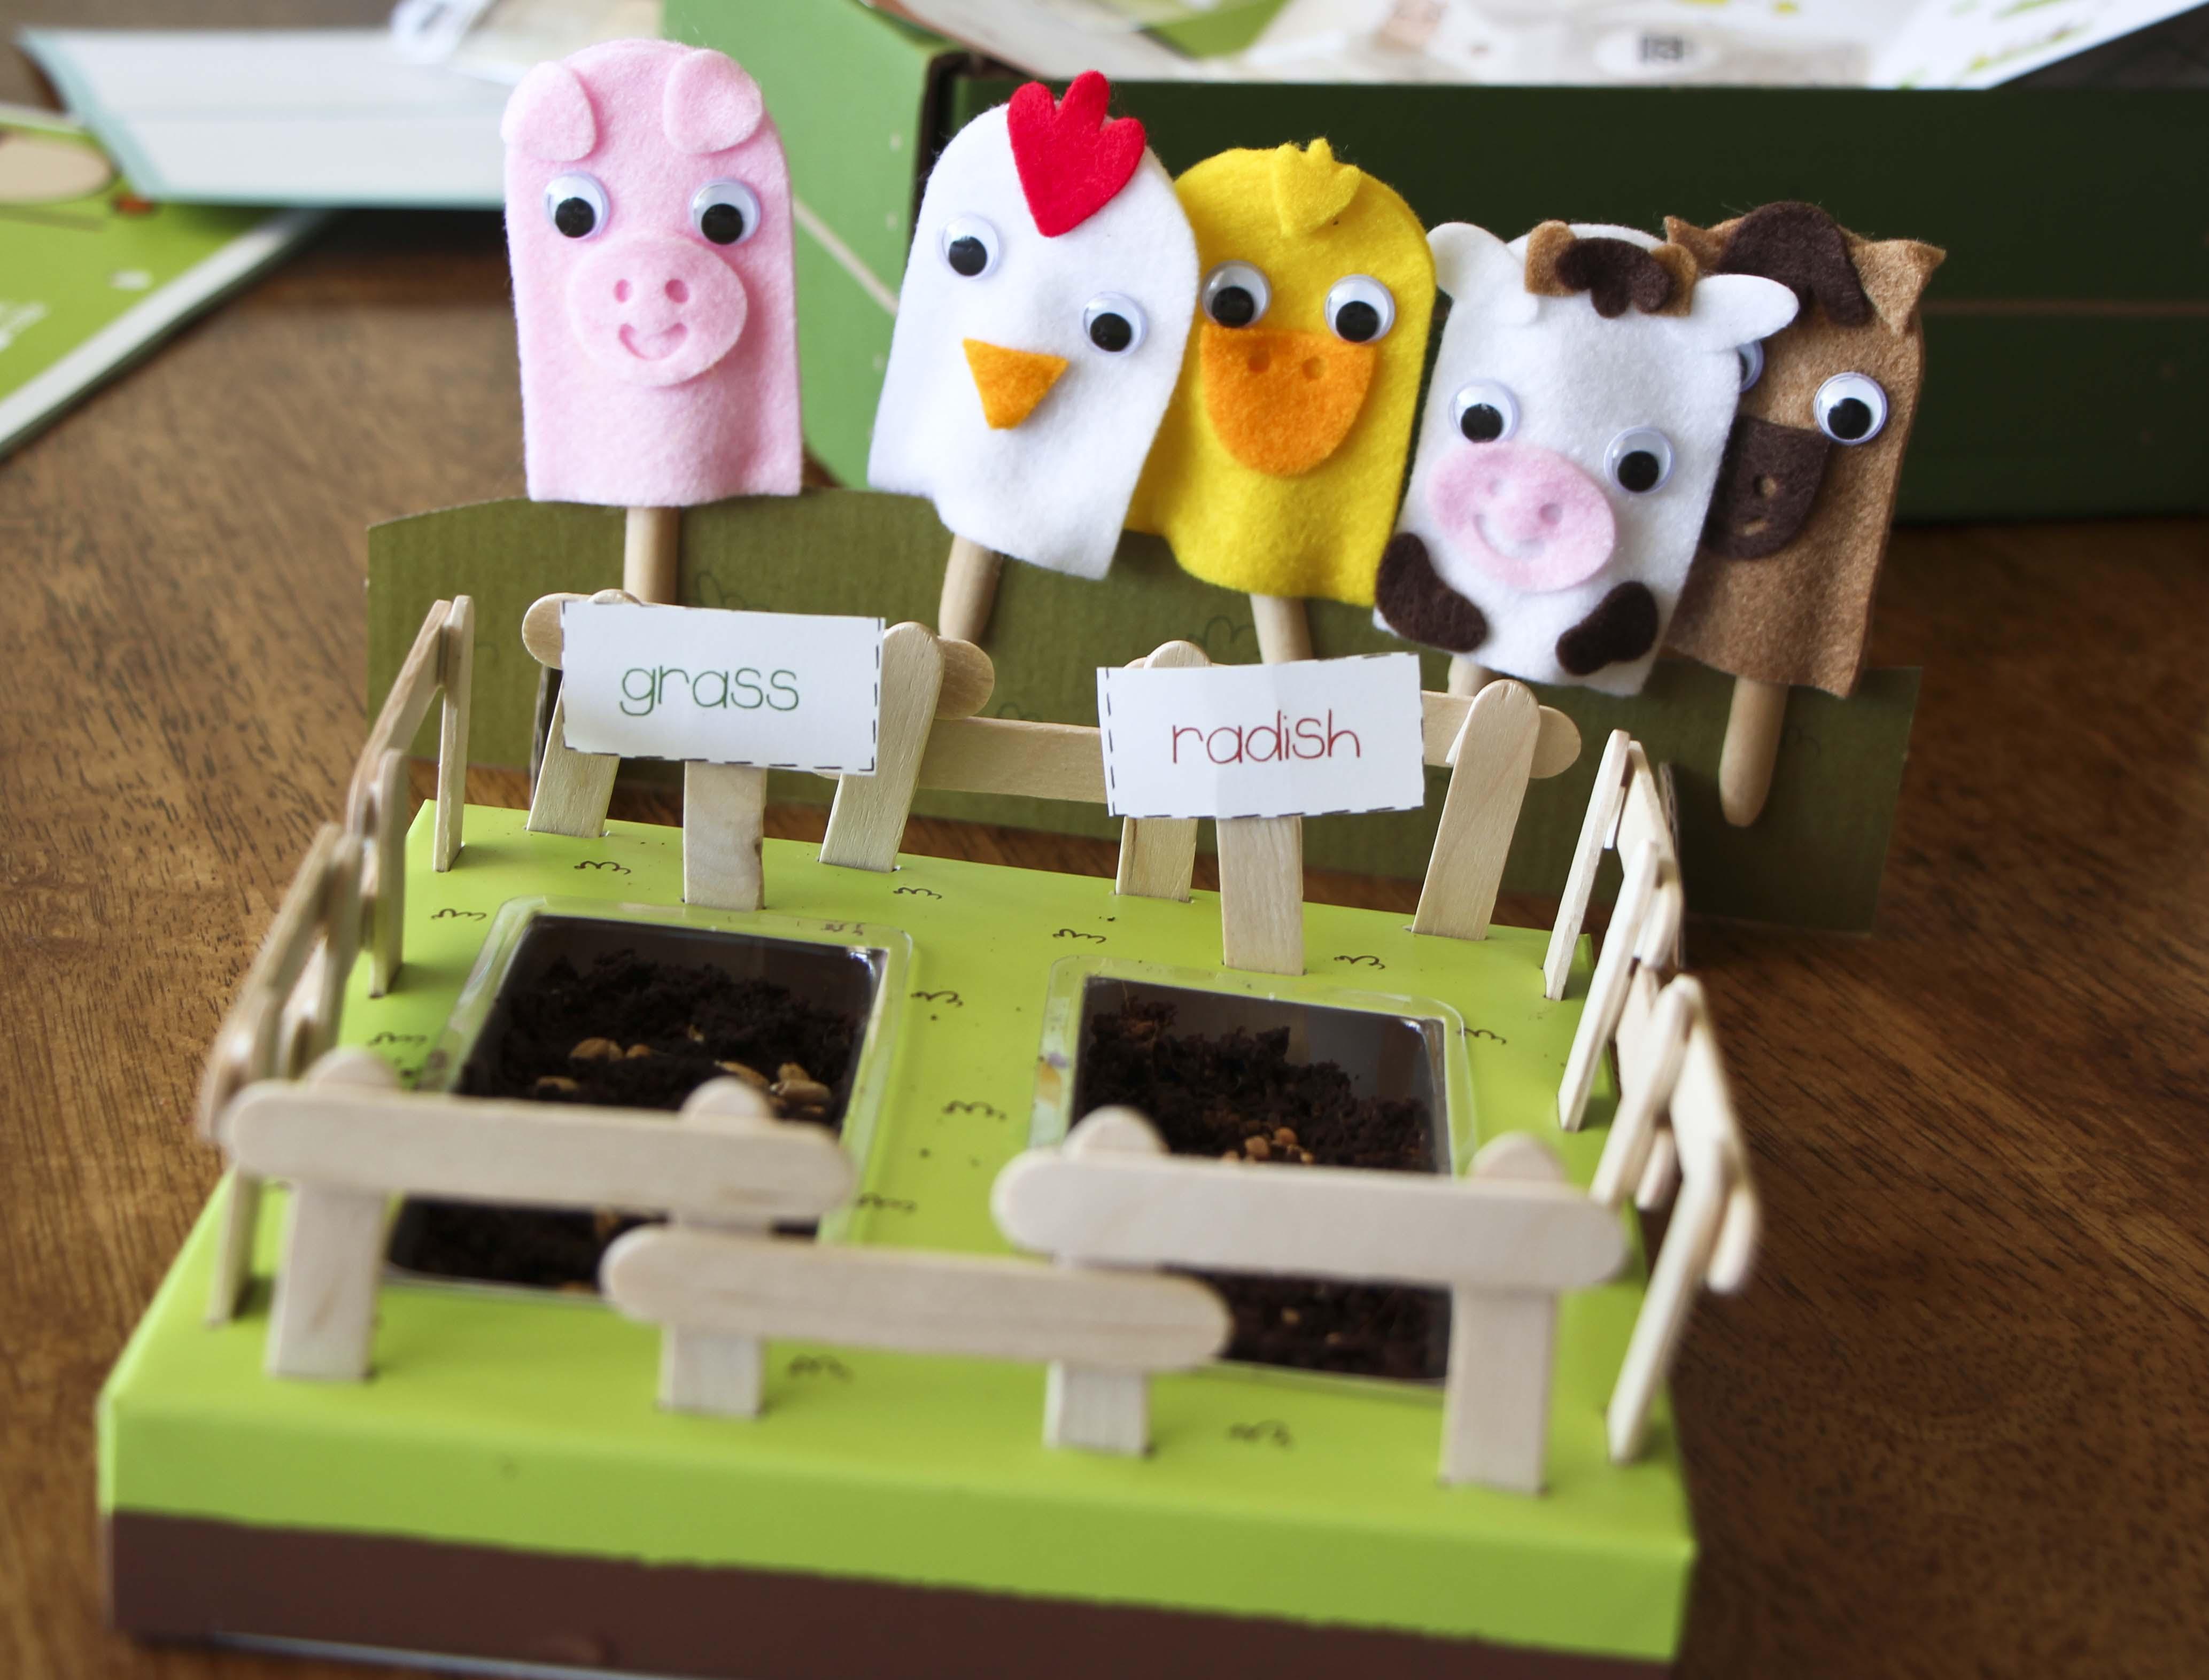 Craft kit for kids - Kids Craft Kits Kiwi Crate Honeybear Lane